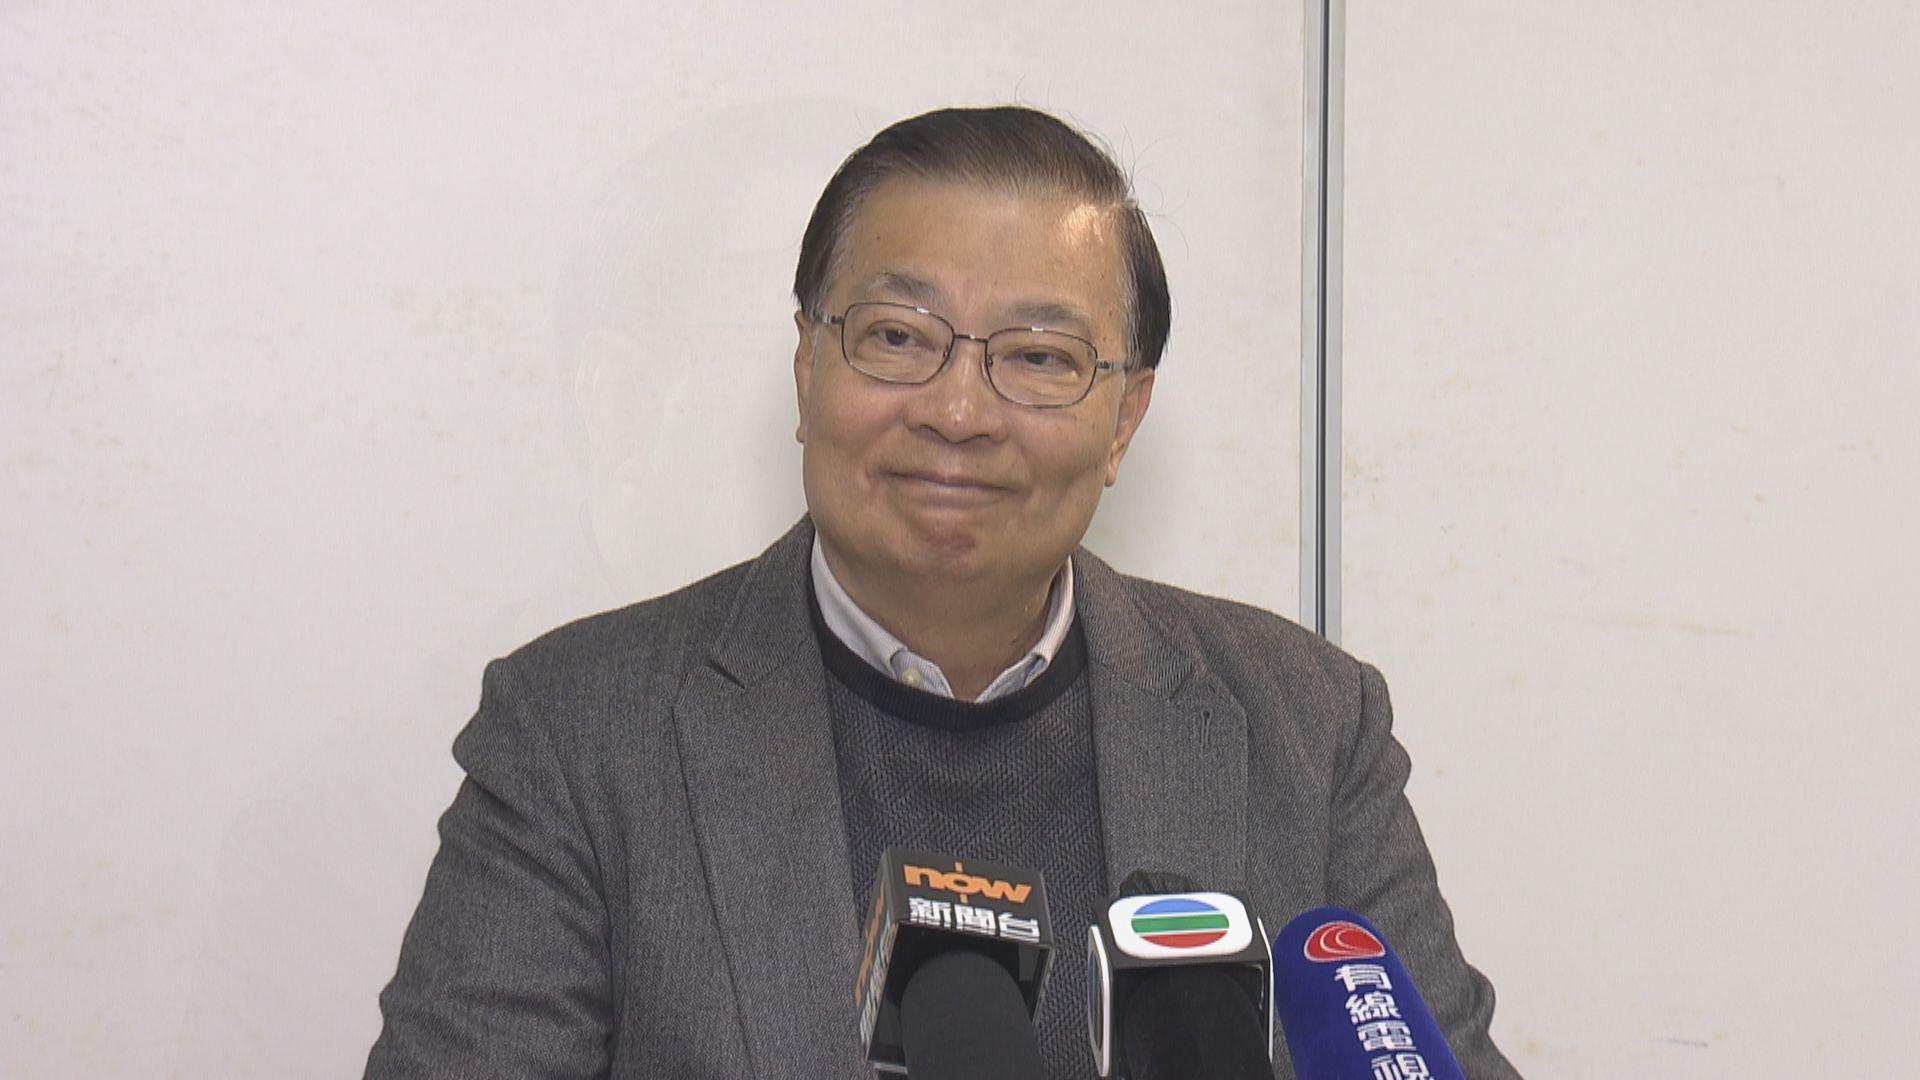 譚耀宗冀議員懸崖勒馬 不要令立法會癱瘓